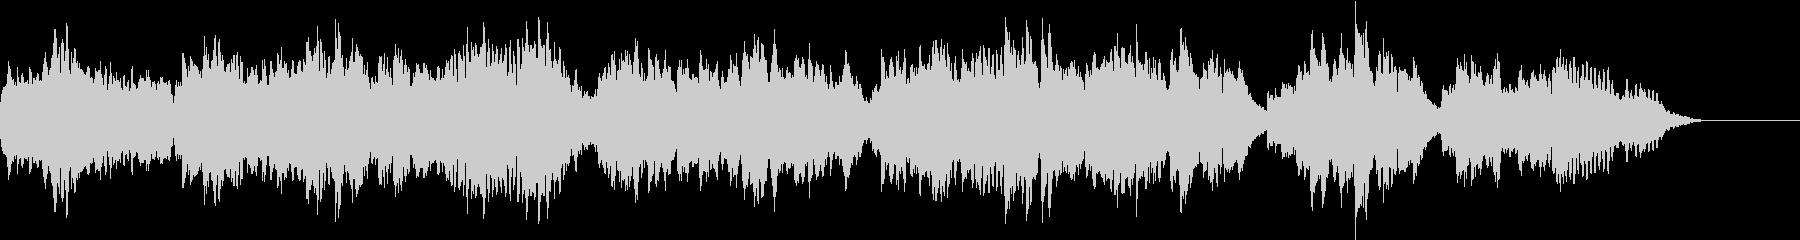 フルートとピアノの優しいBGMの未再生の波形